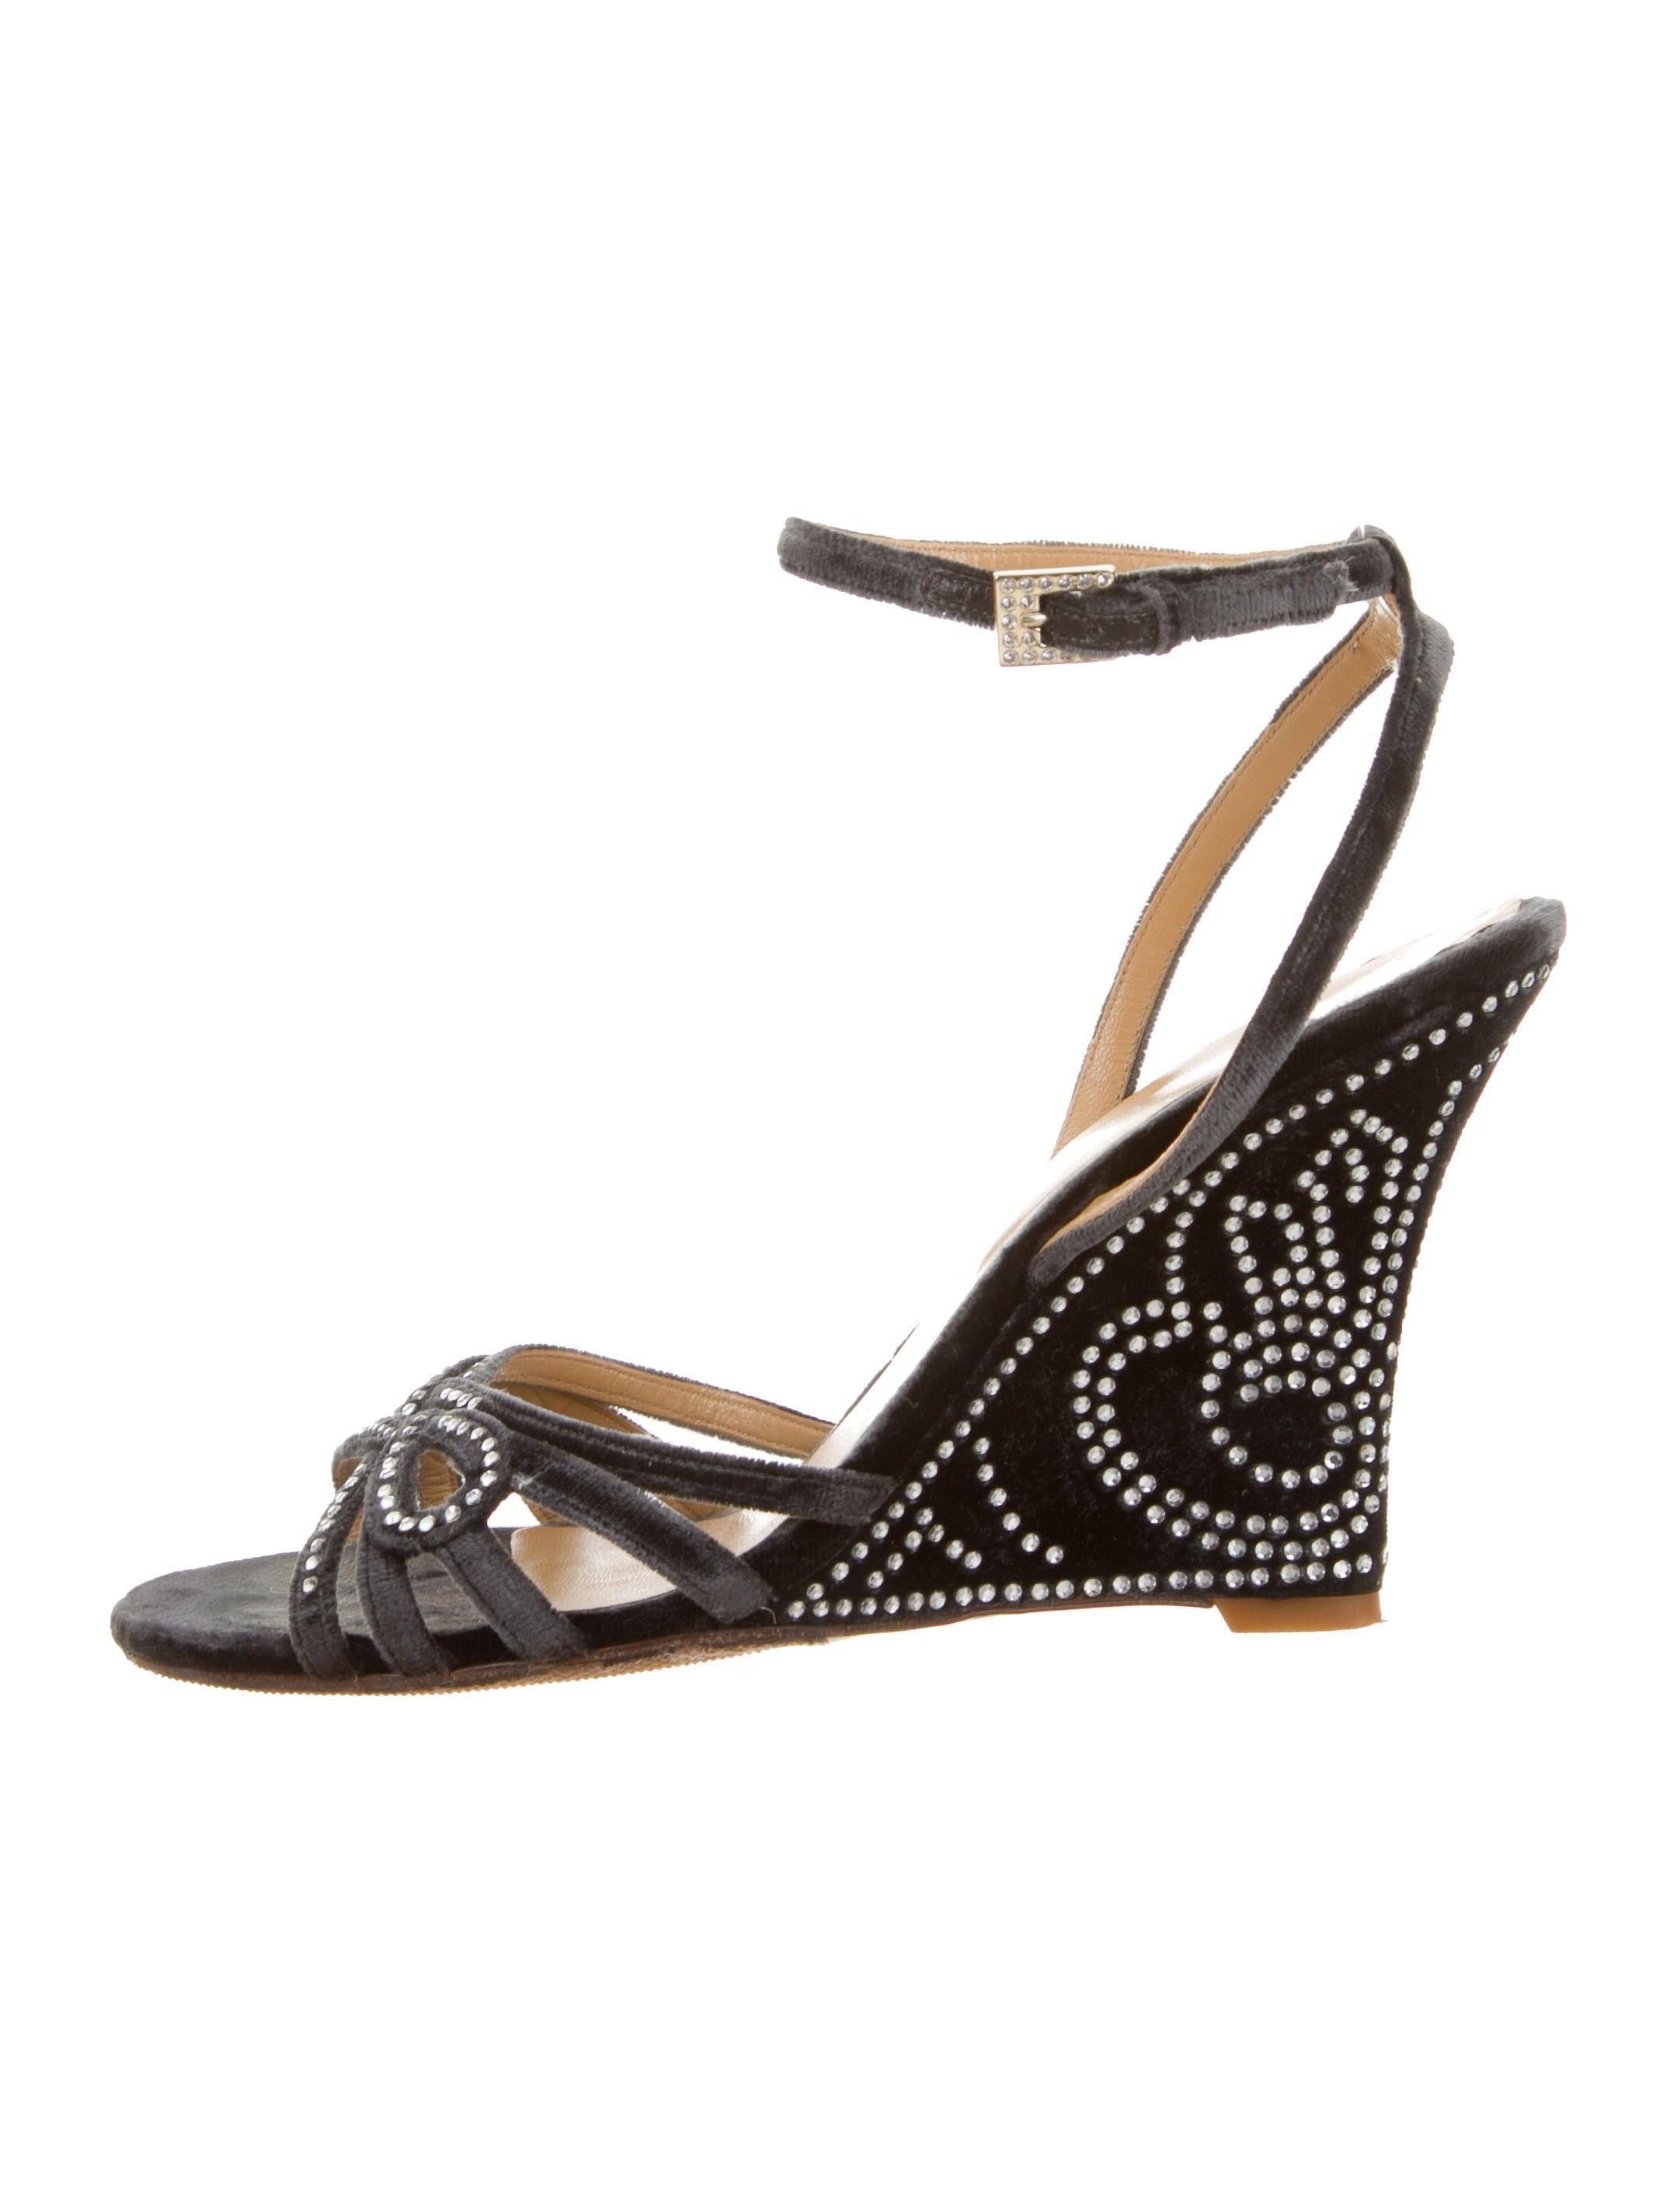 5dc163ca557 Valentino Velvet Bow Embellished Sandal